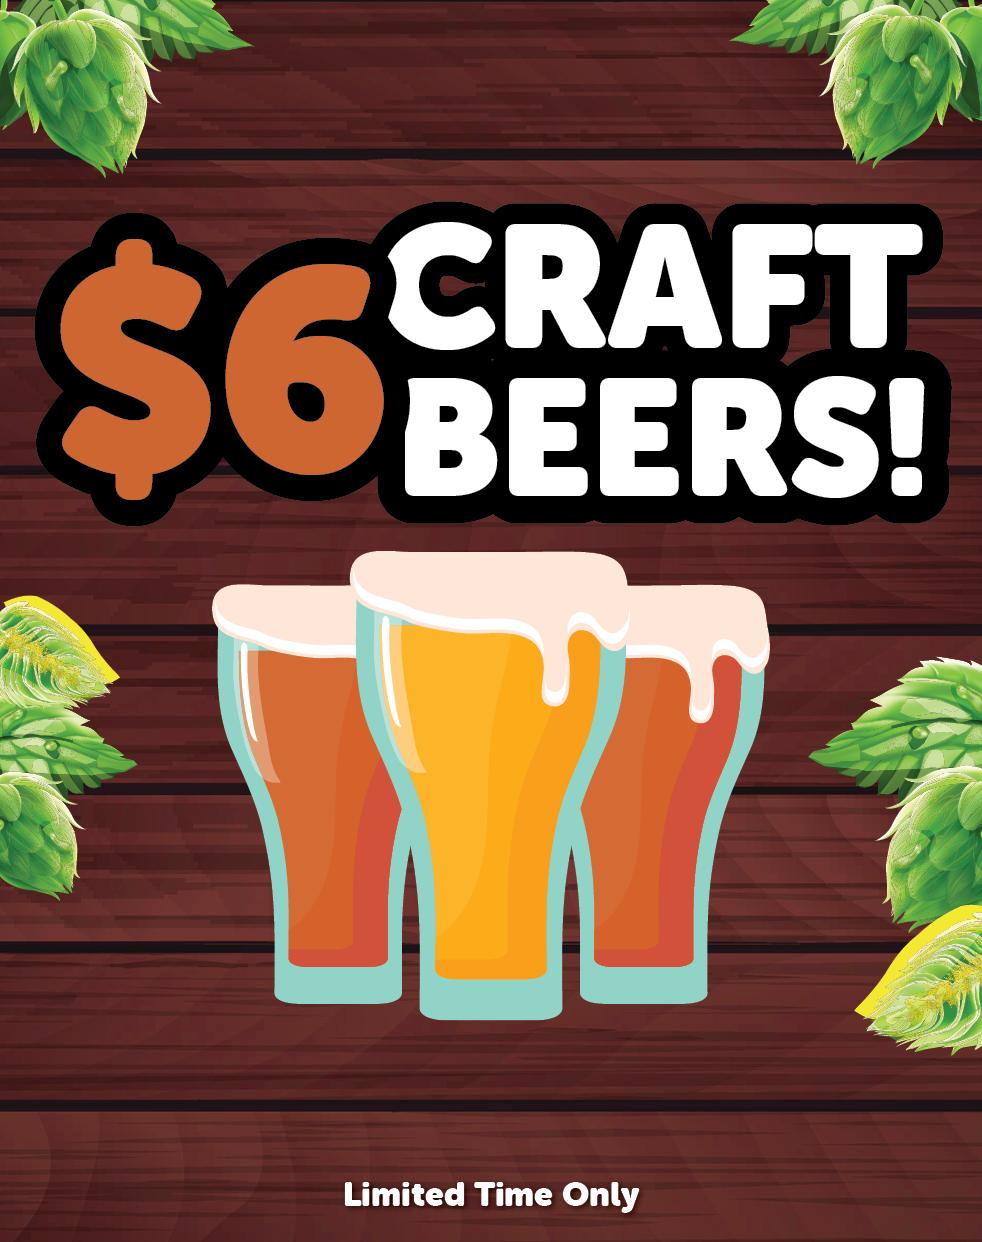 $6 Craft Beers